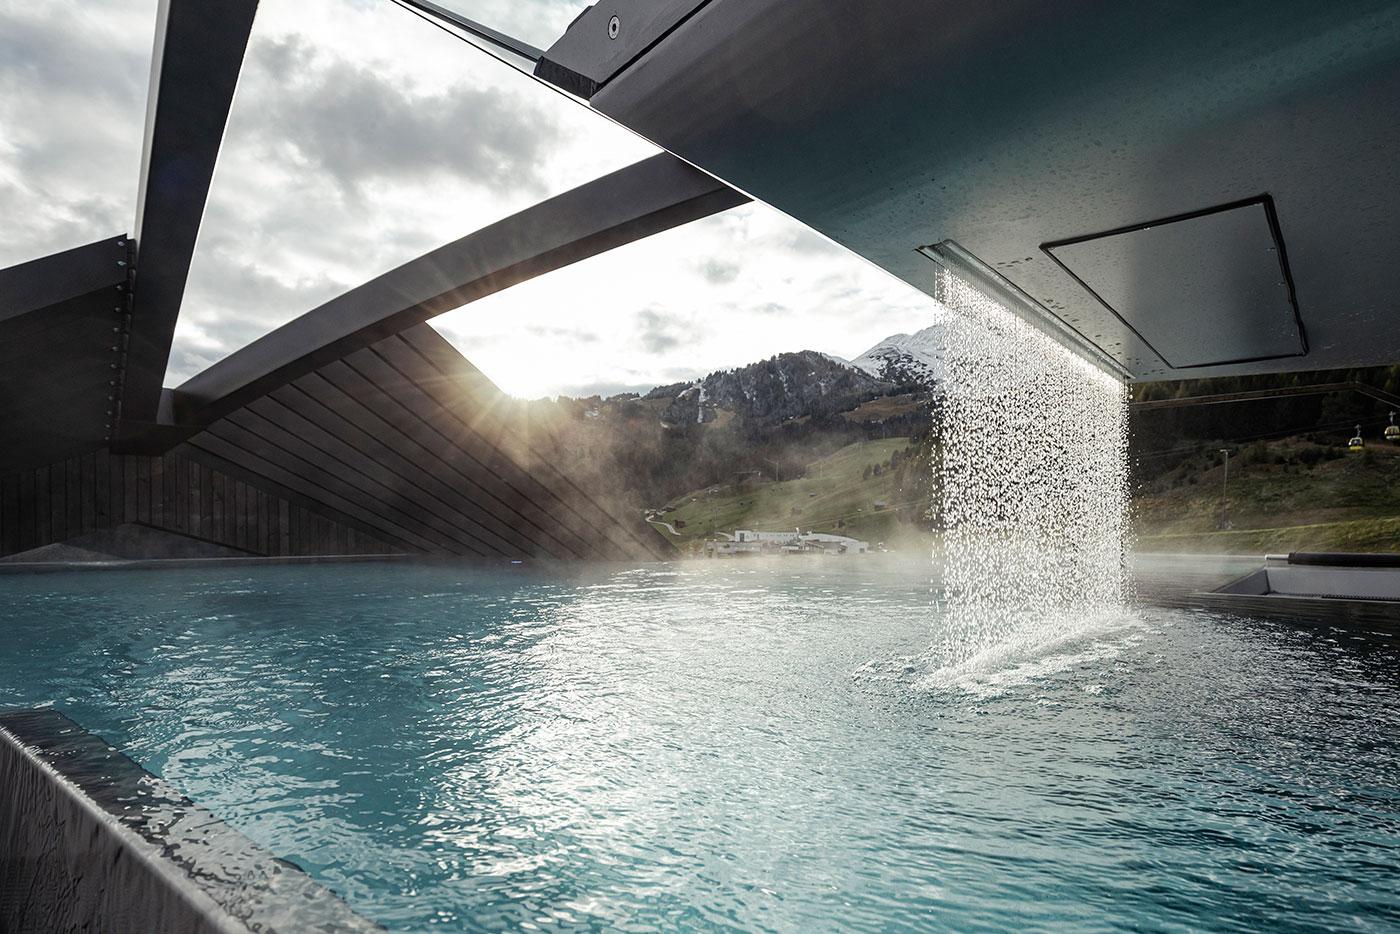 alpslodge-infinity-glas-sst-saurwein-schwimmbad-technik-pool-refernz-07